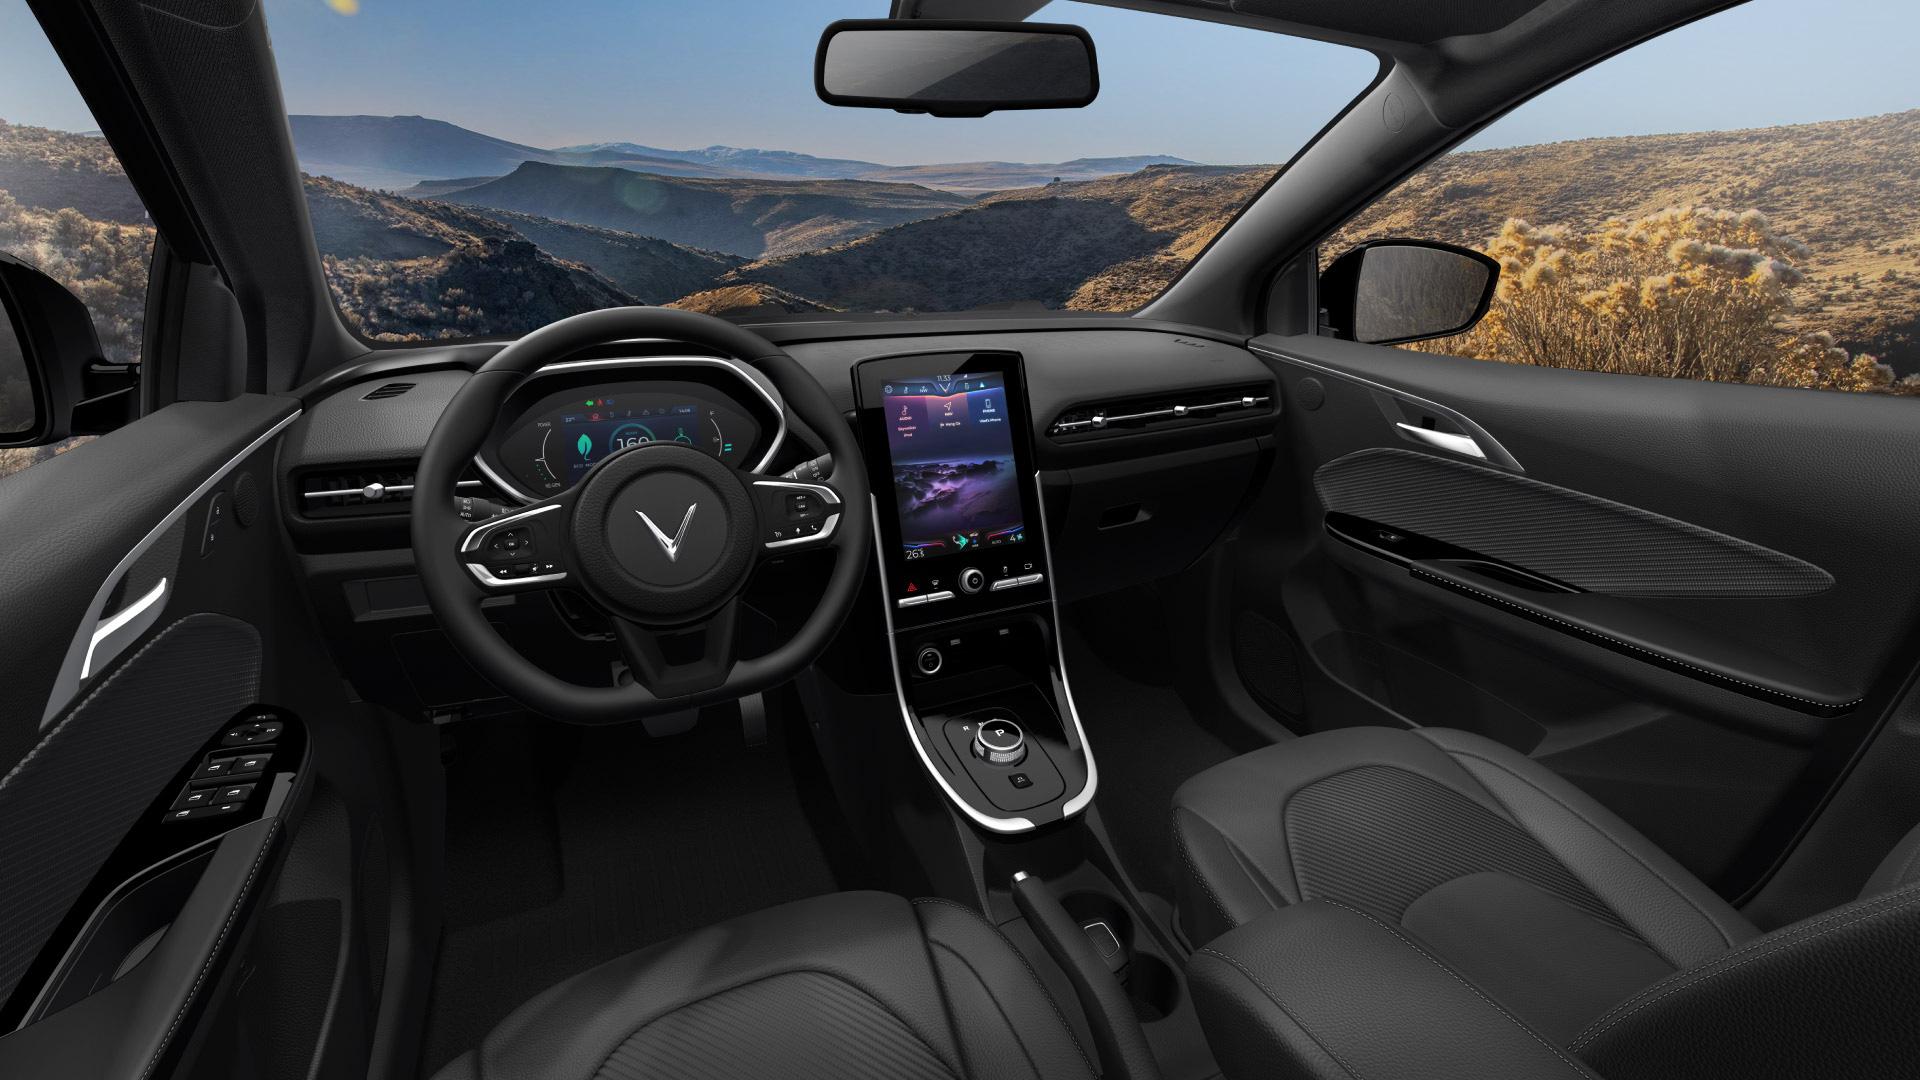 """Truyền thông quốc tế: Xe điện VinFast có chính sách pin mới lạ, công nghệ xứng tầm và giá """"không đối thủ"""" - Ảnh 2."""